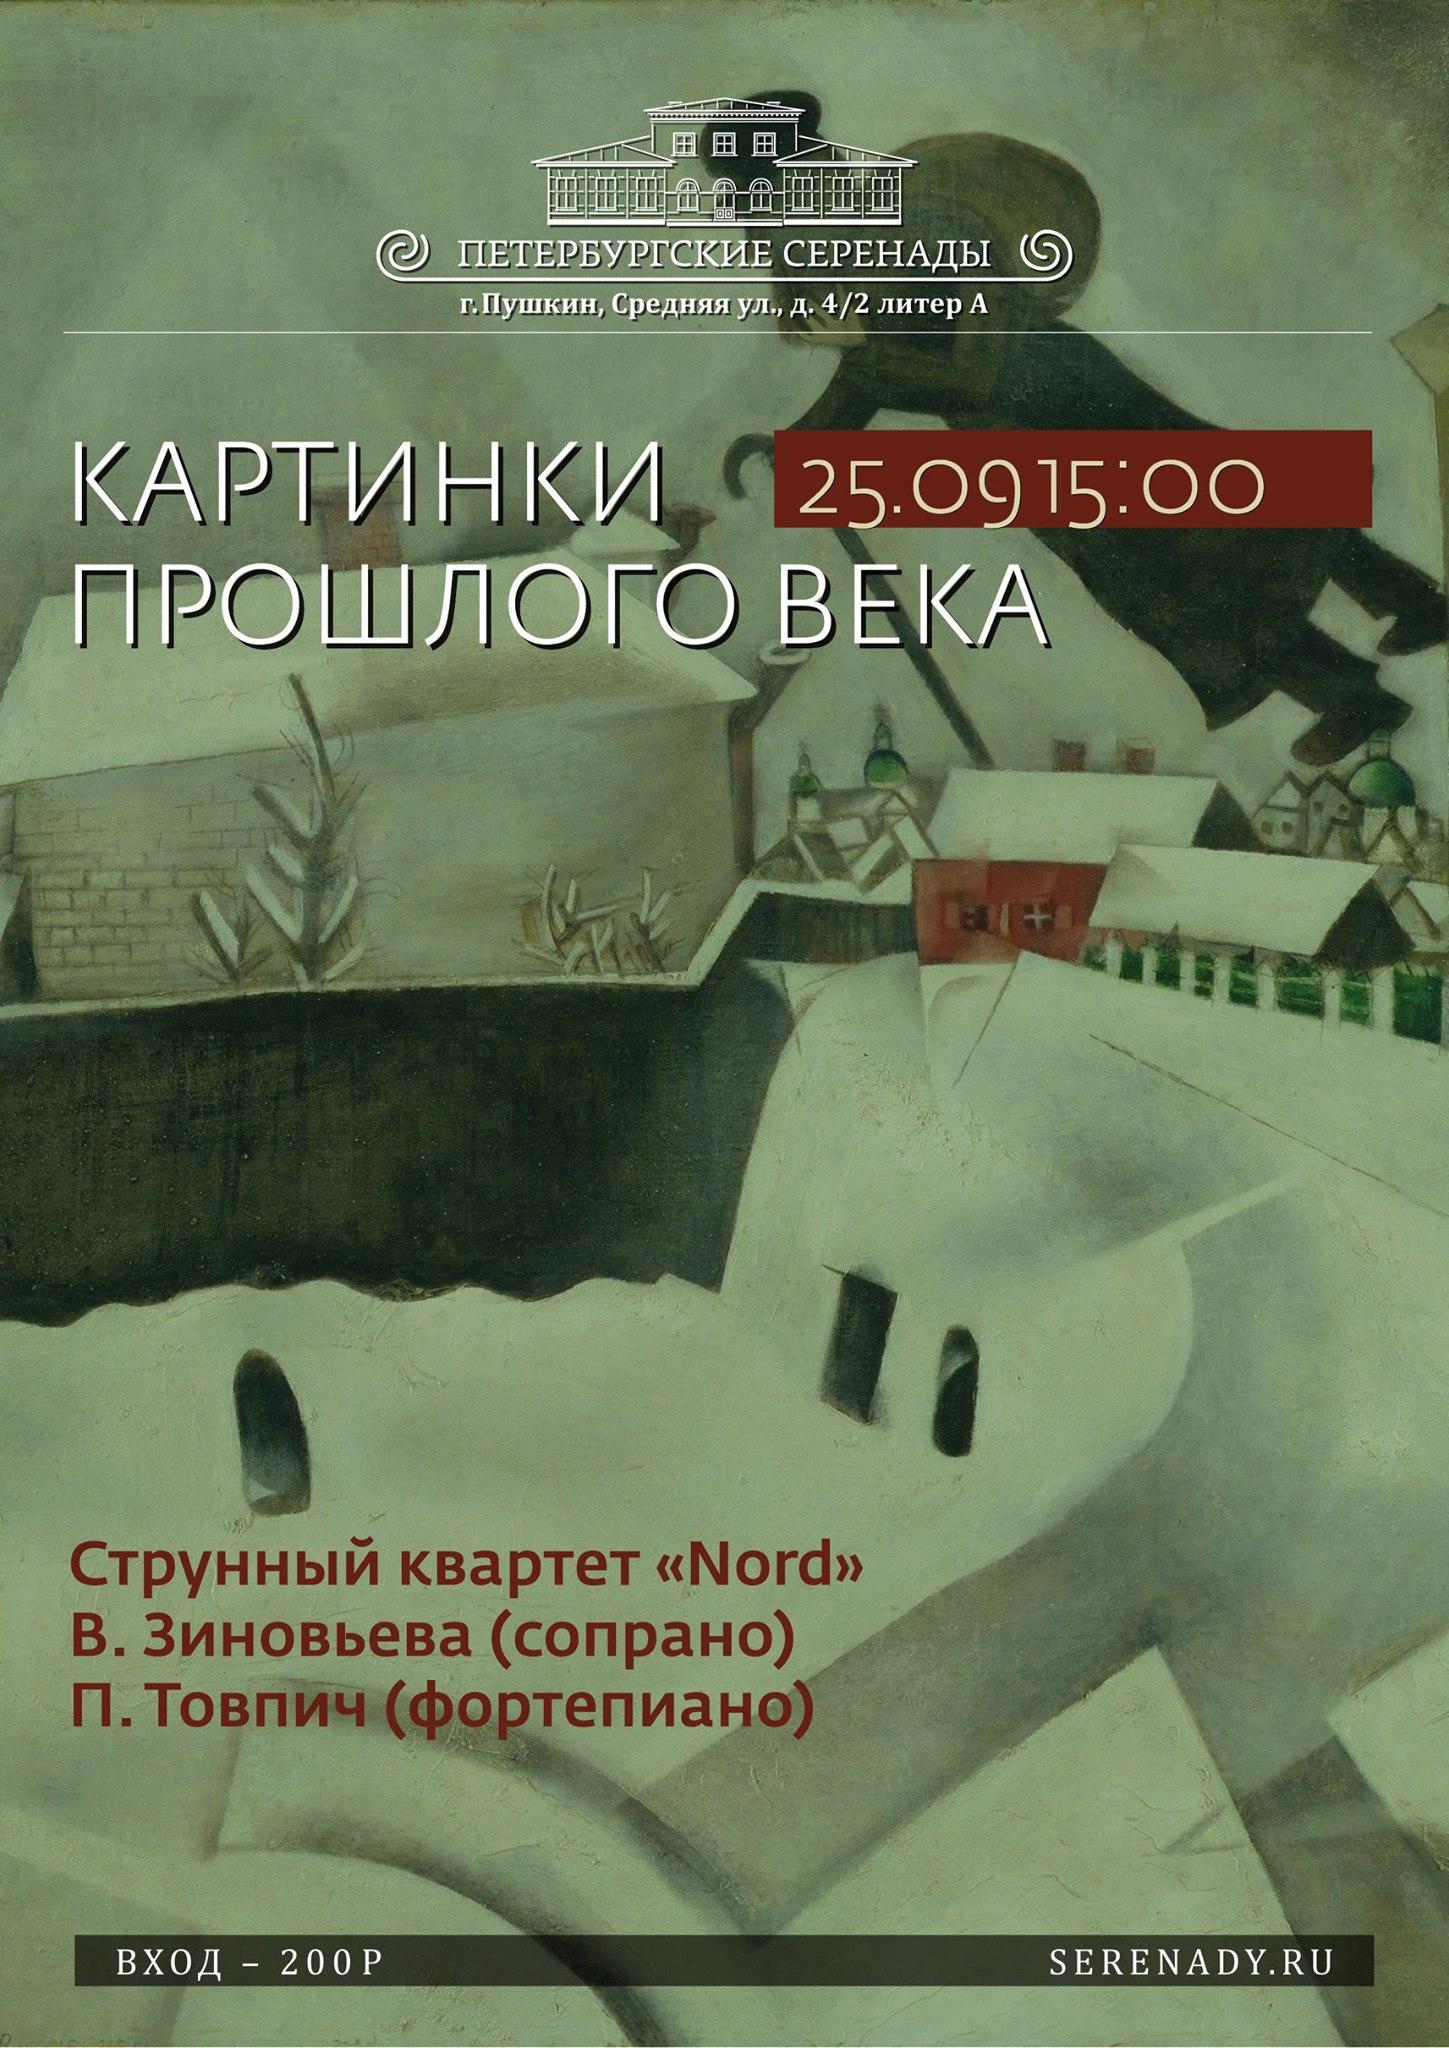 Концерт «Картинки прошлого века»